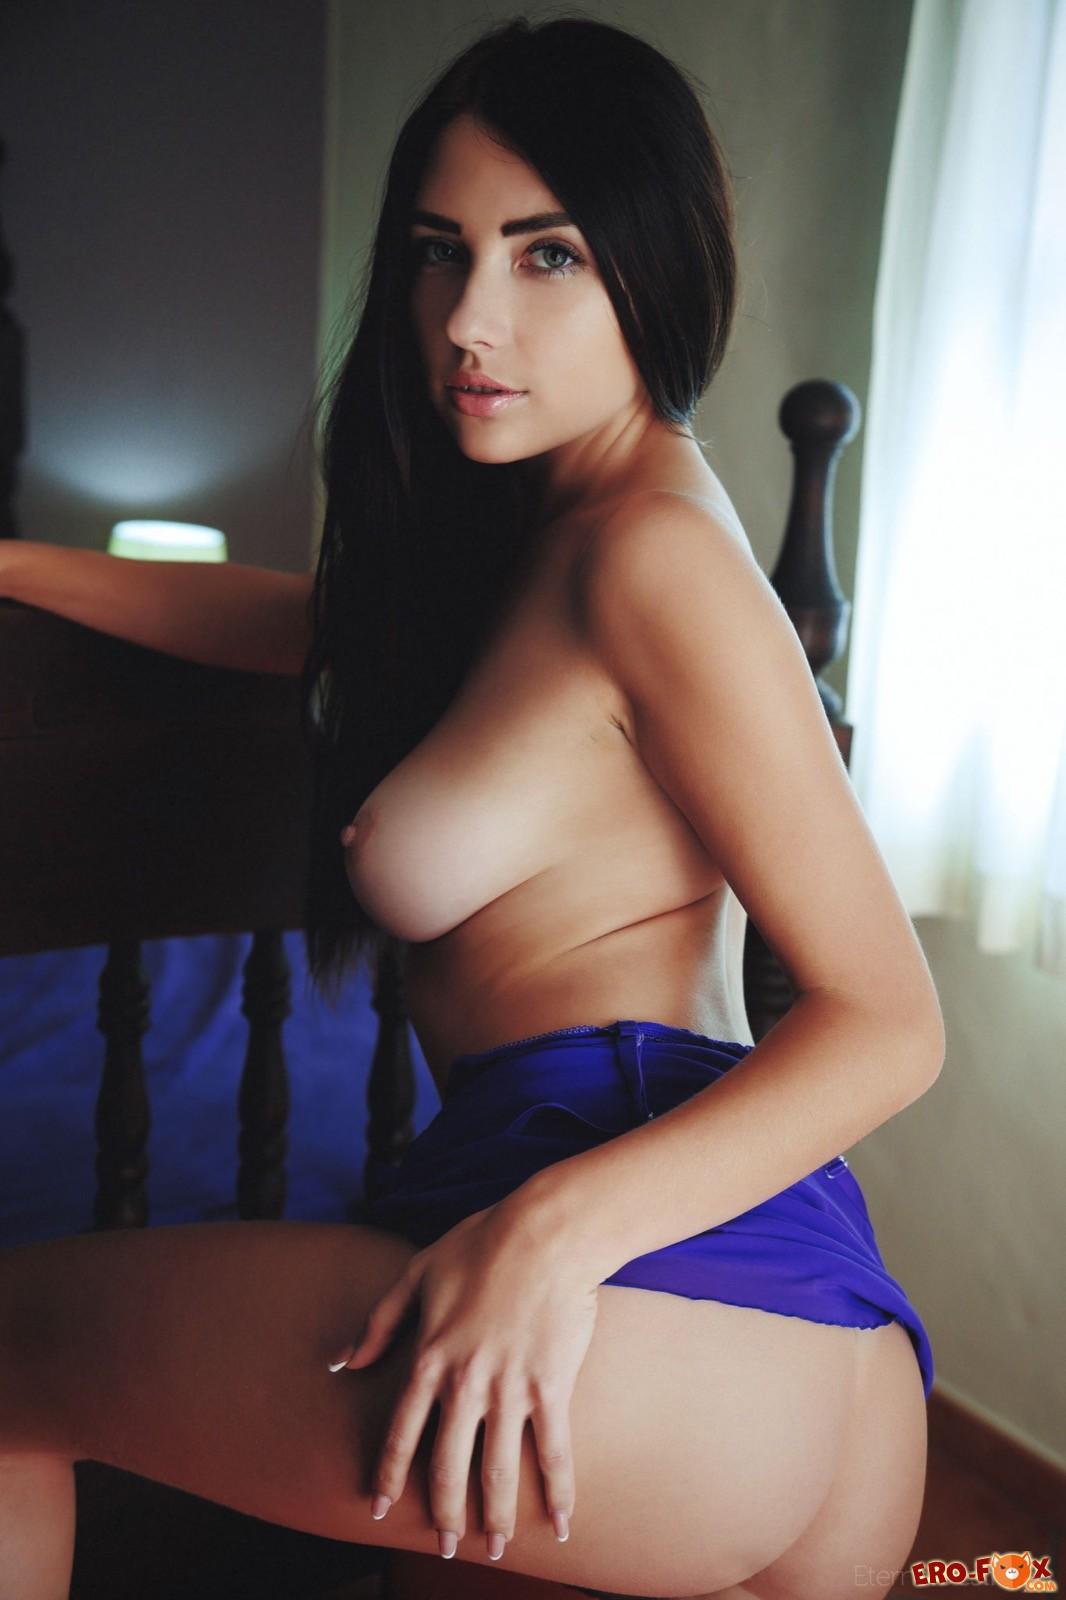 Девушка в ночнушке оголила грудь